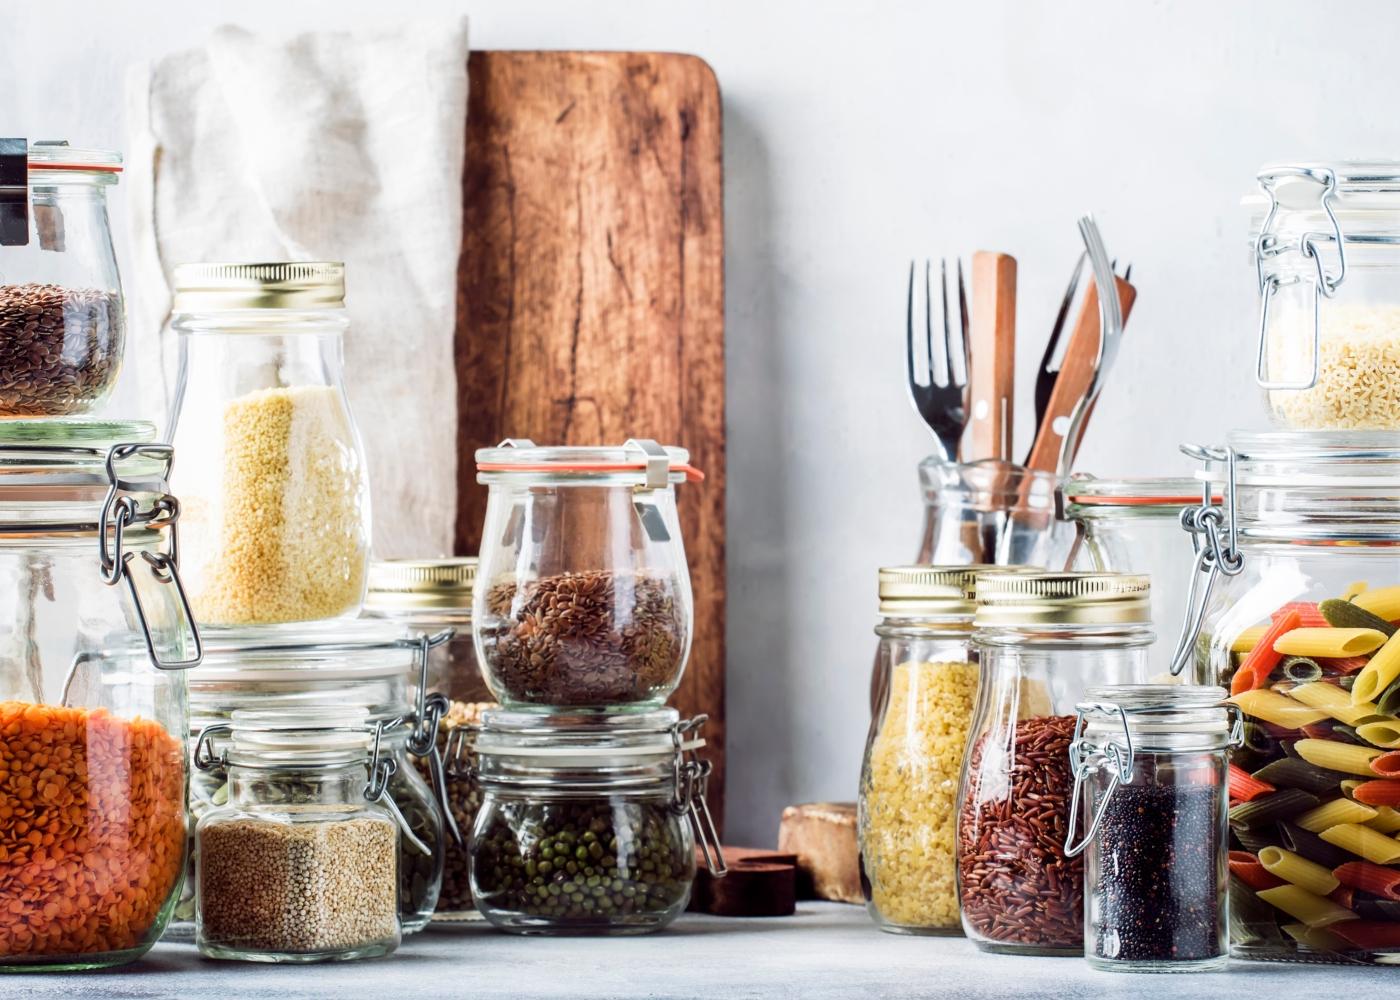 produtos alimentares guardados em frascos